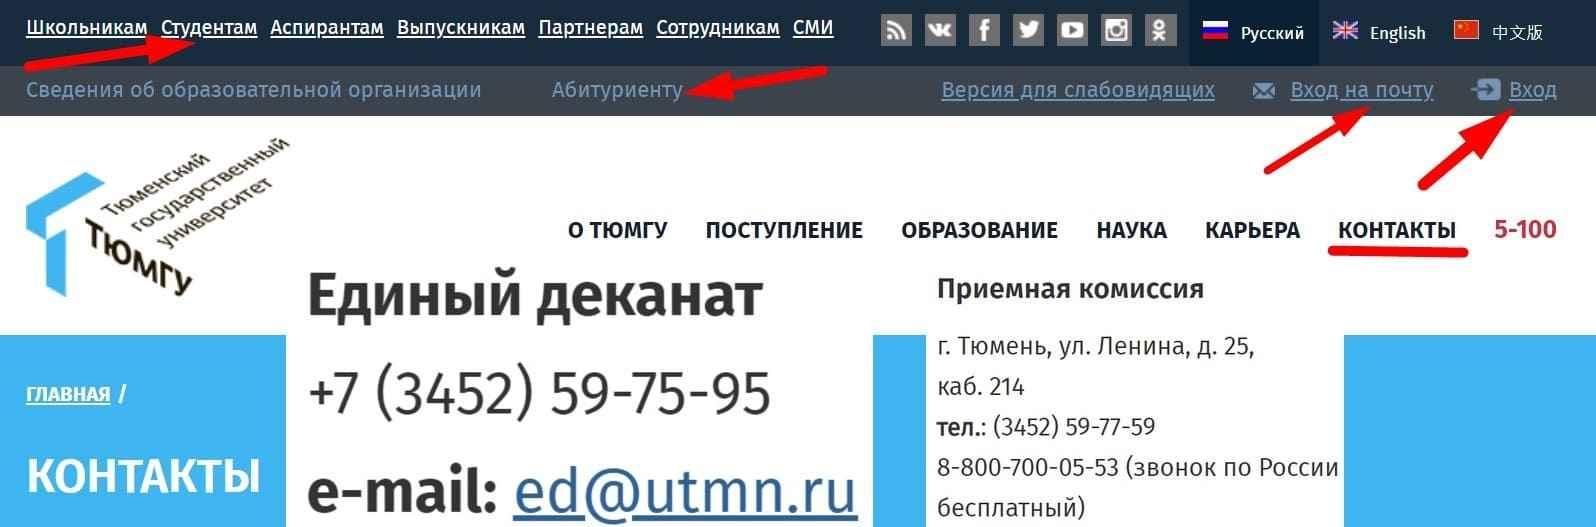 Ссылка на сайт ТюмГУ